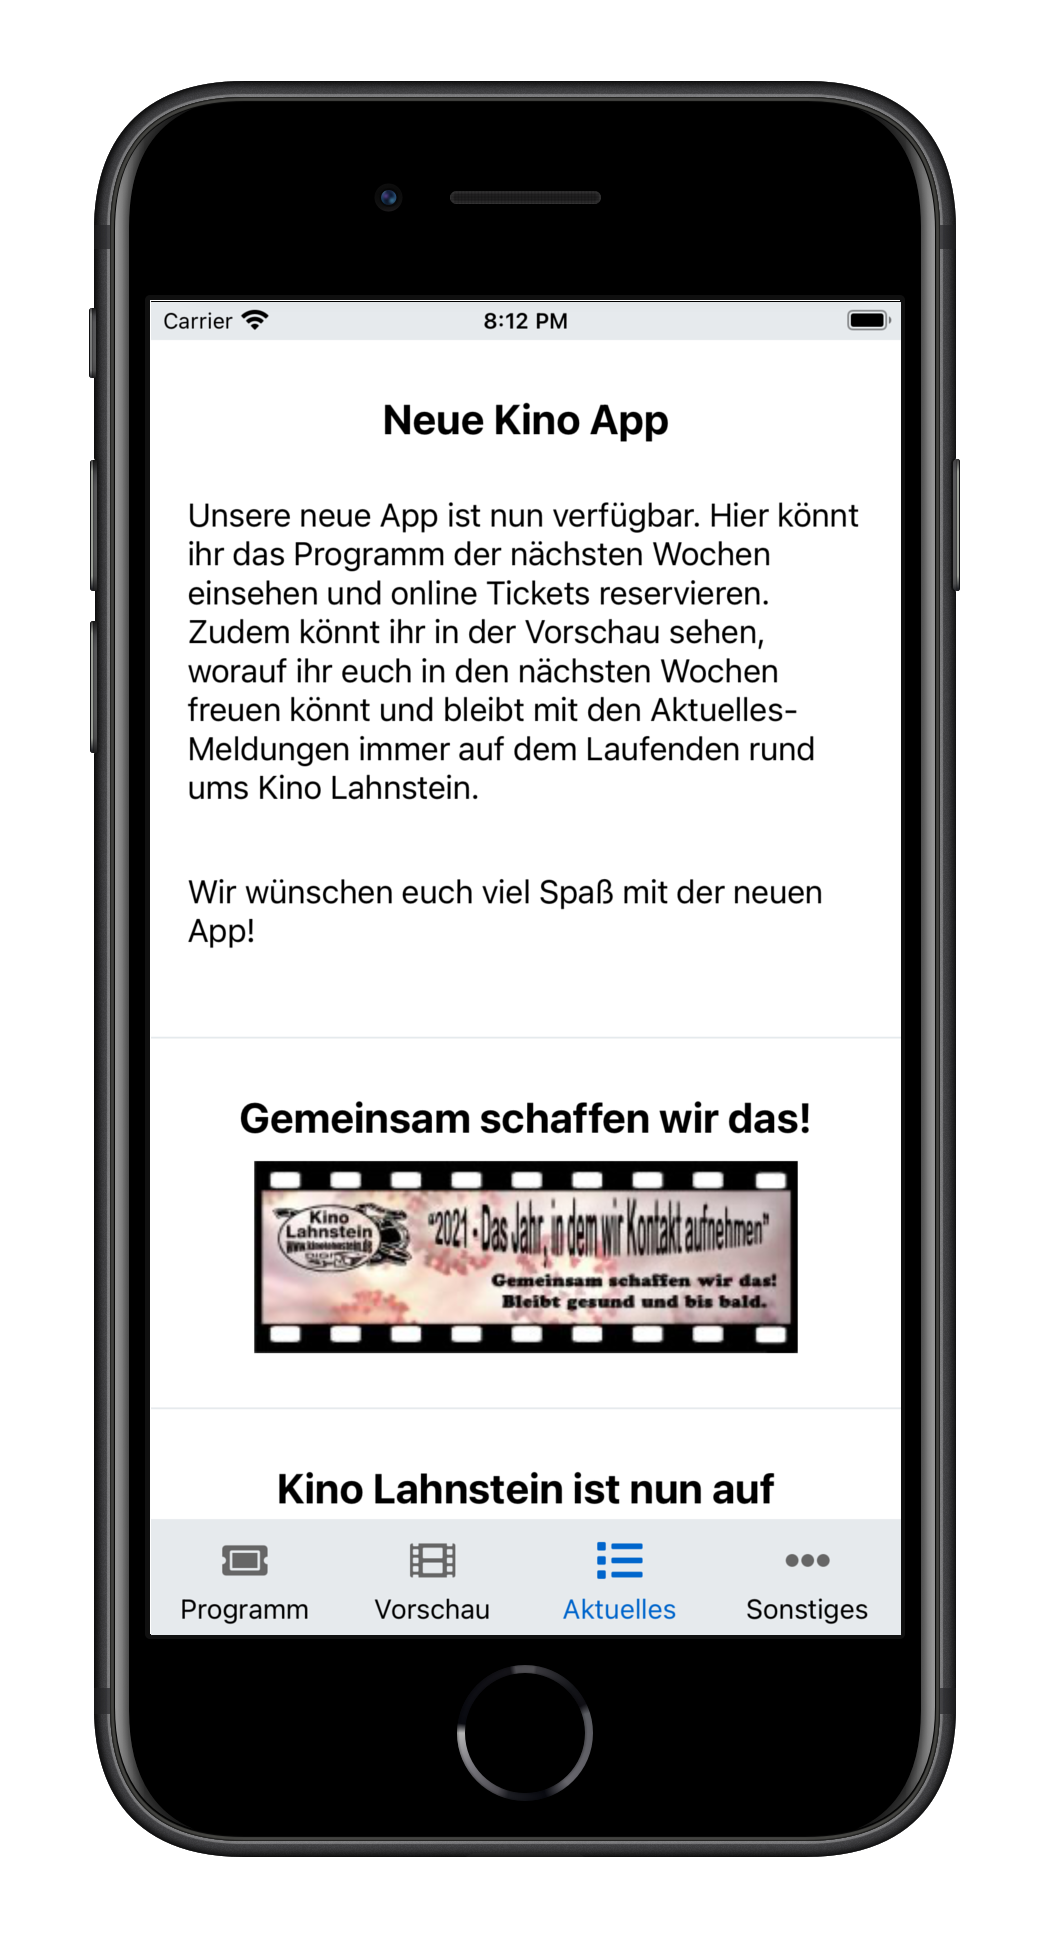 Simulator-Screen-Shot-iPhone-8-Plus-2021-02-19-at-20.12.06_iphoneseblack_portrait